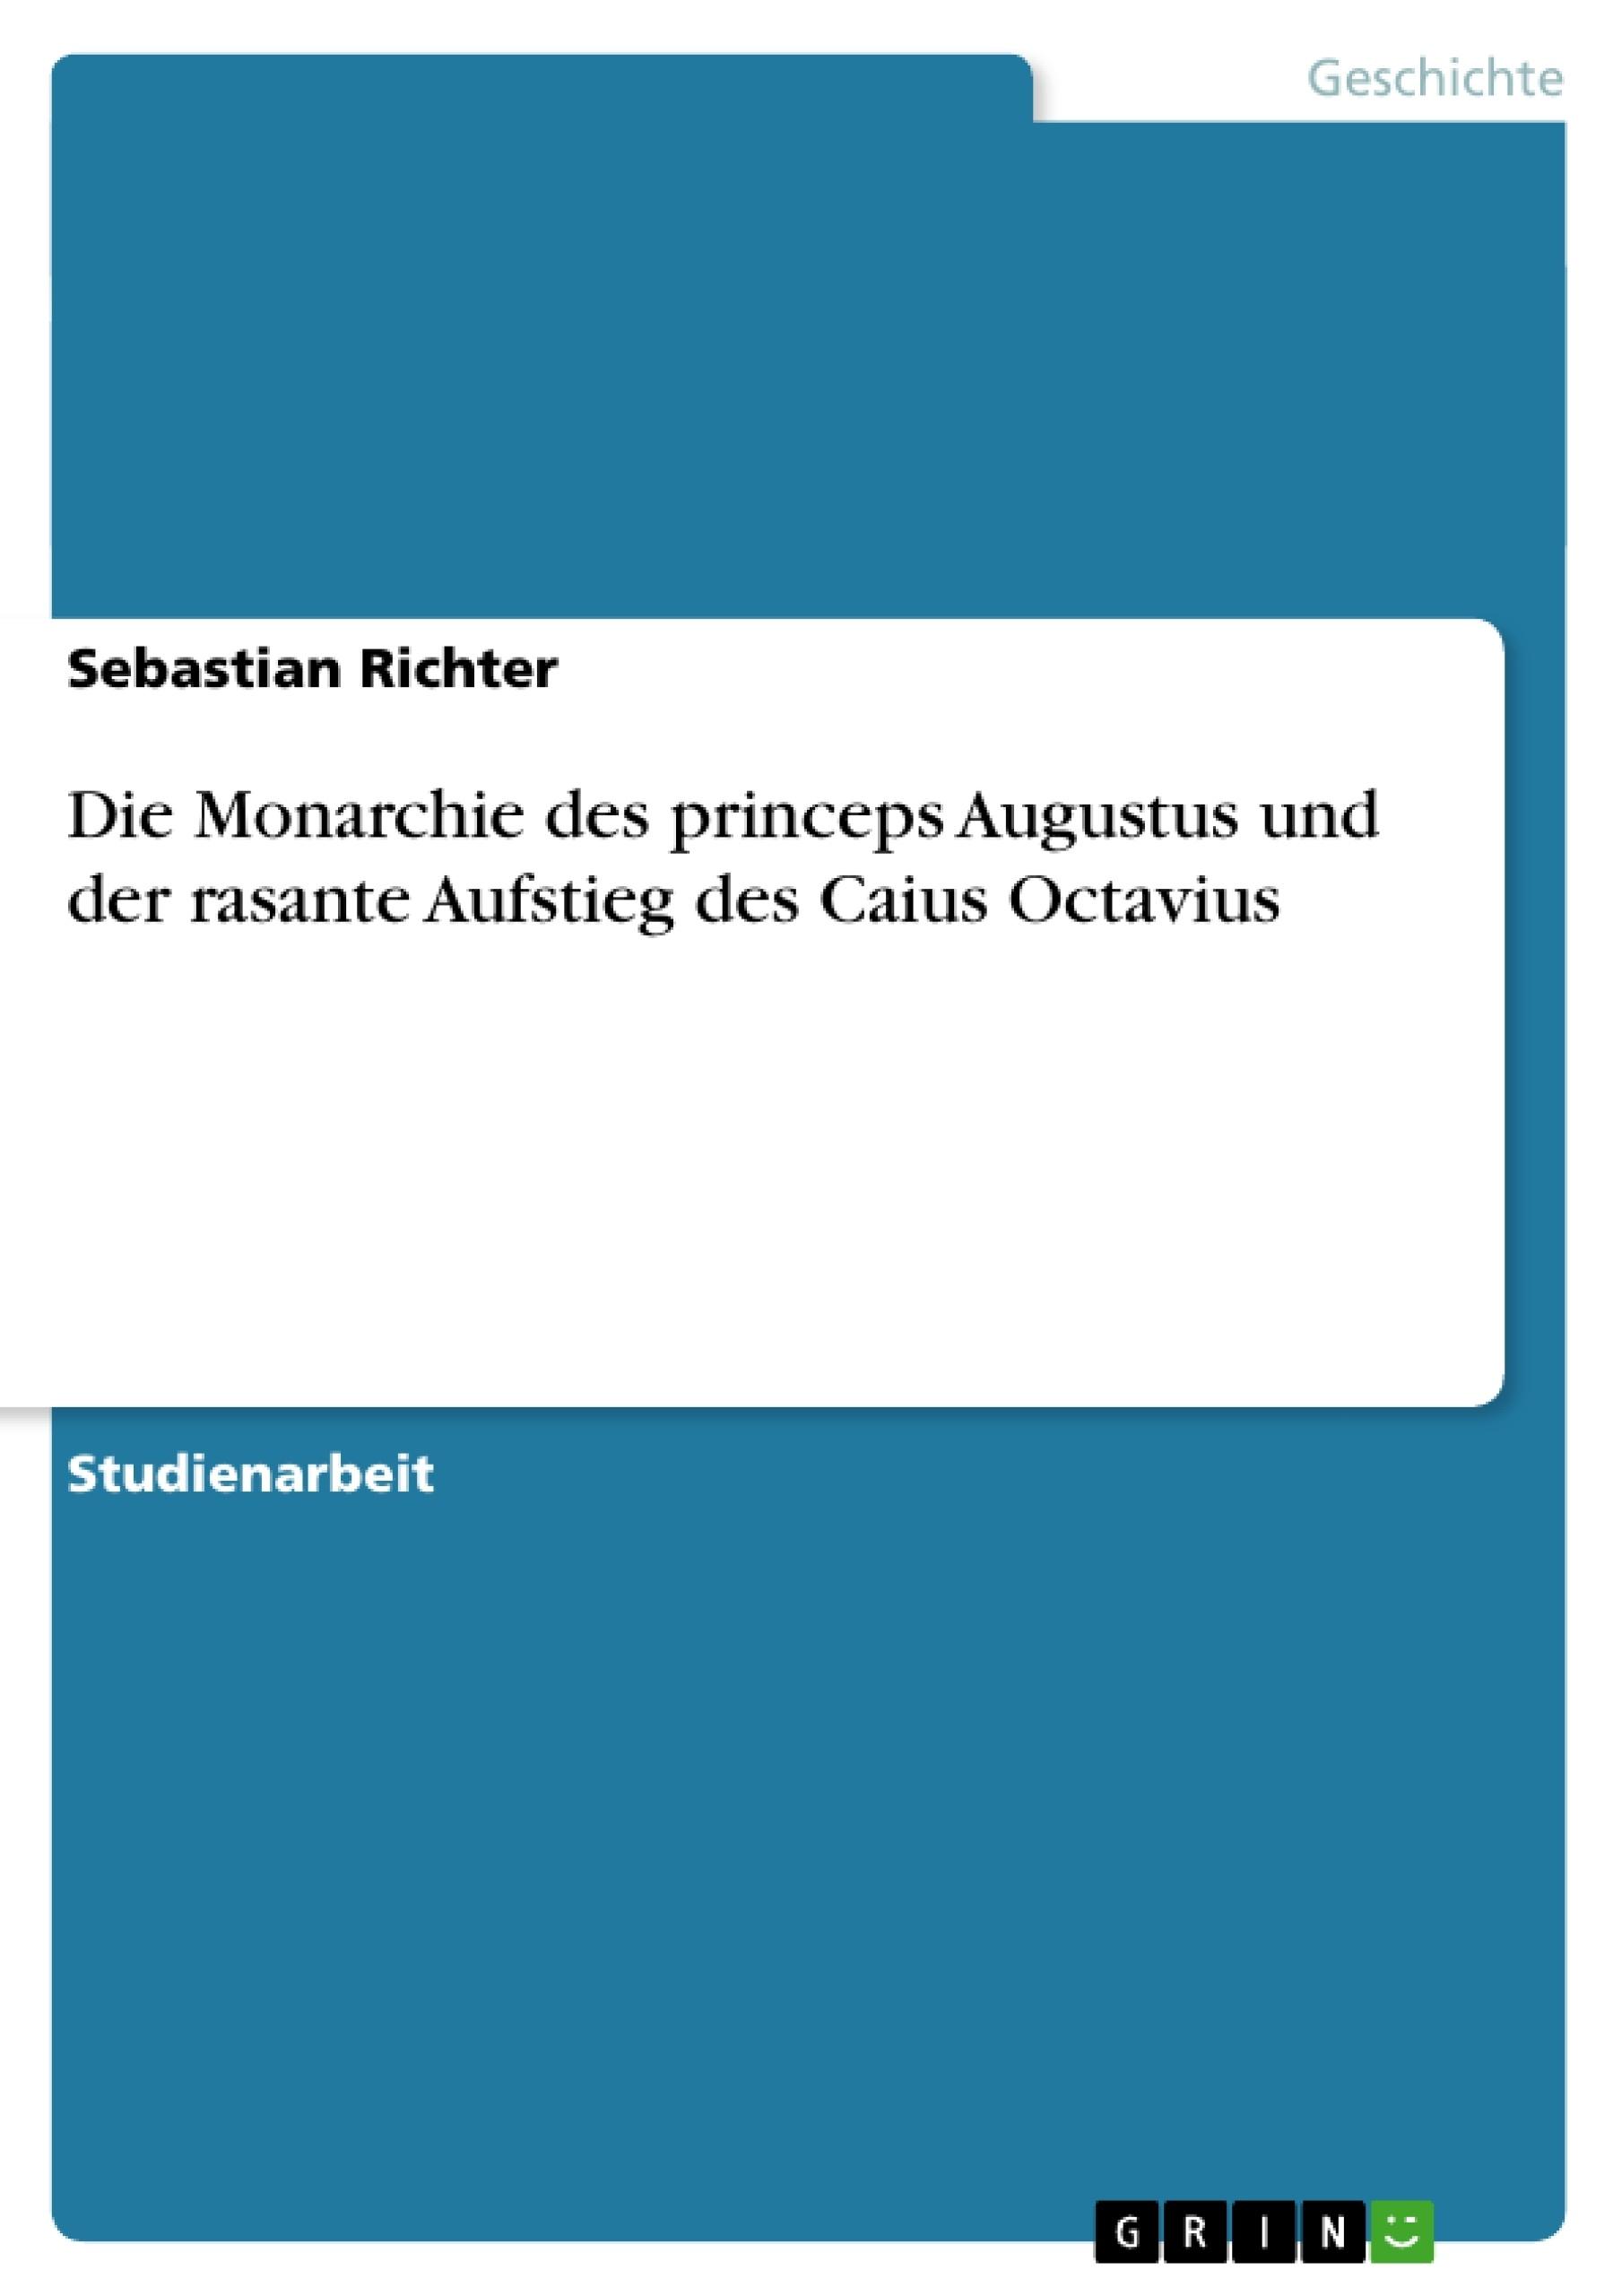 Titel: Die Monarchie des princeps Augustus und der rasante Aufstieg des Caius Octavius